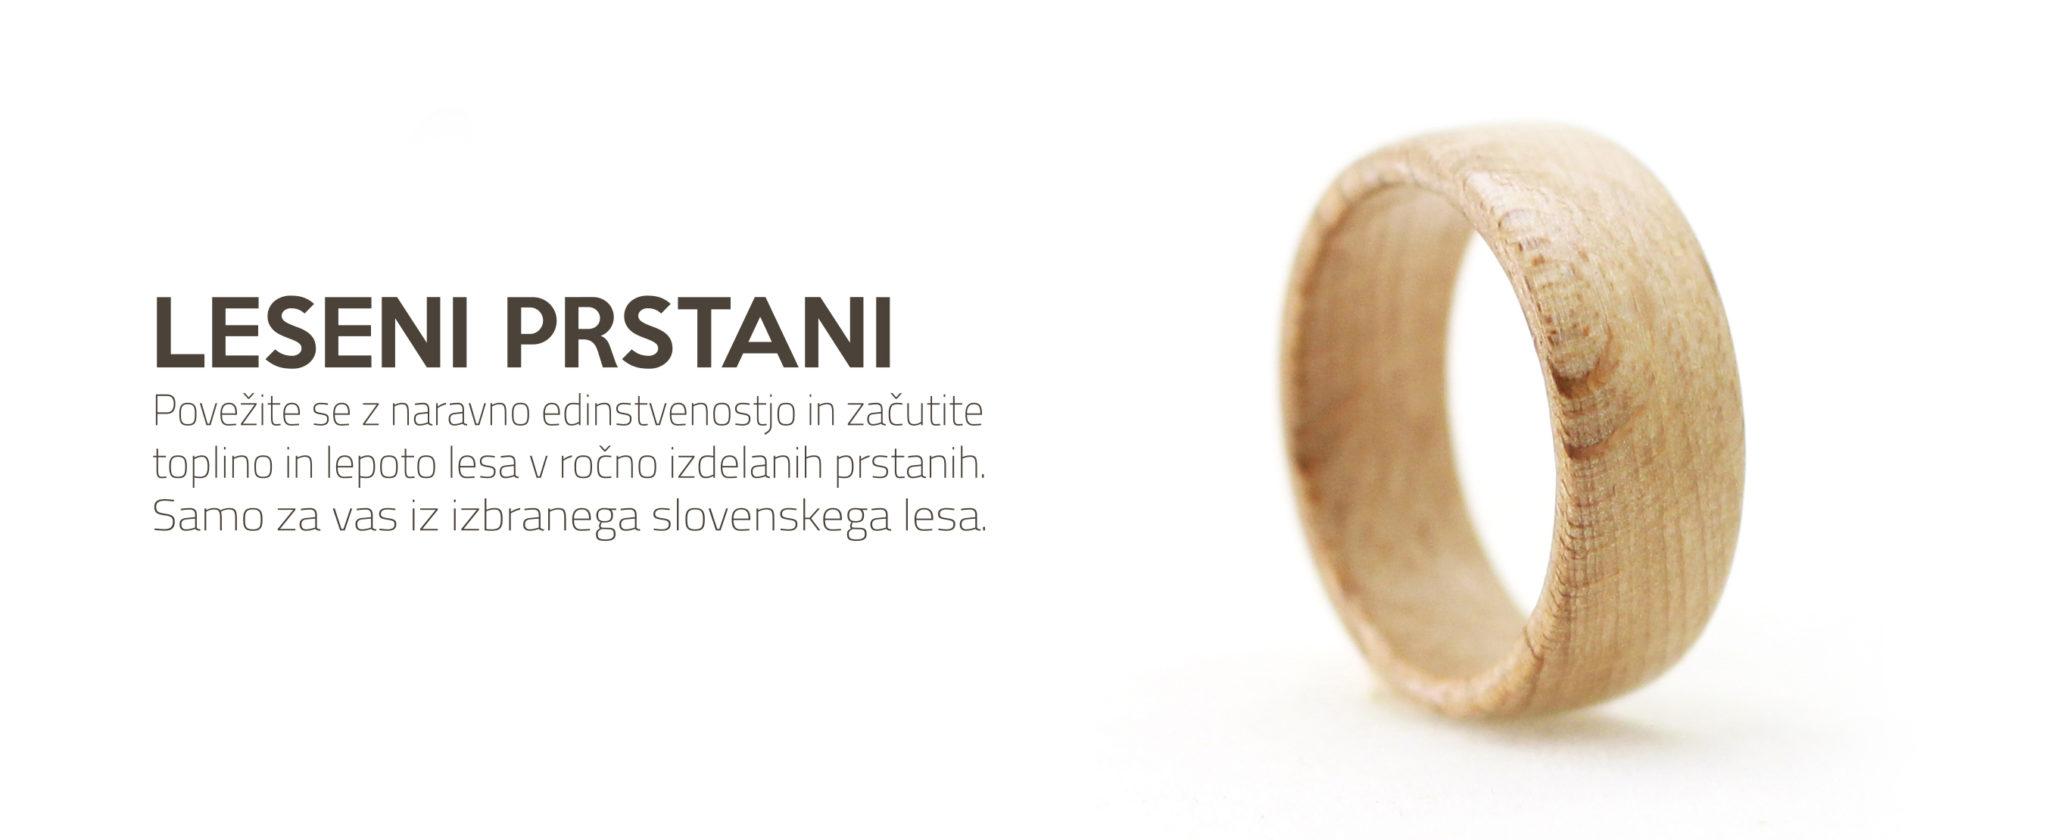 slider_prstan_text_1